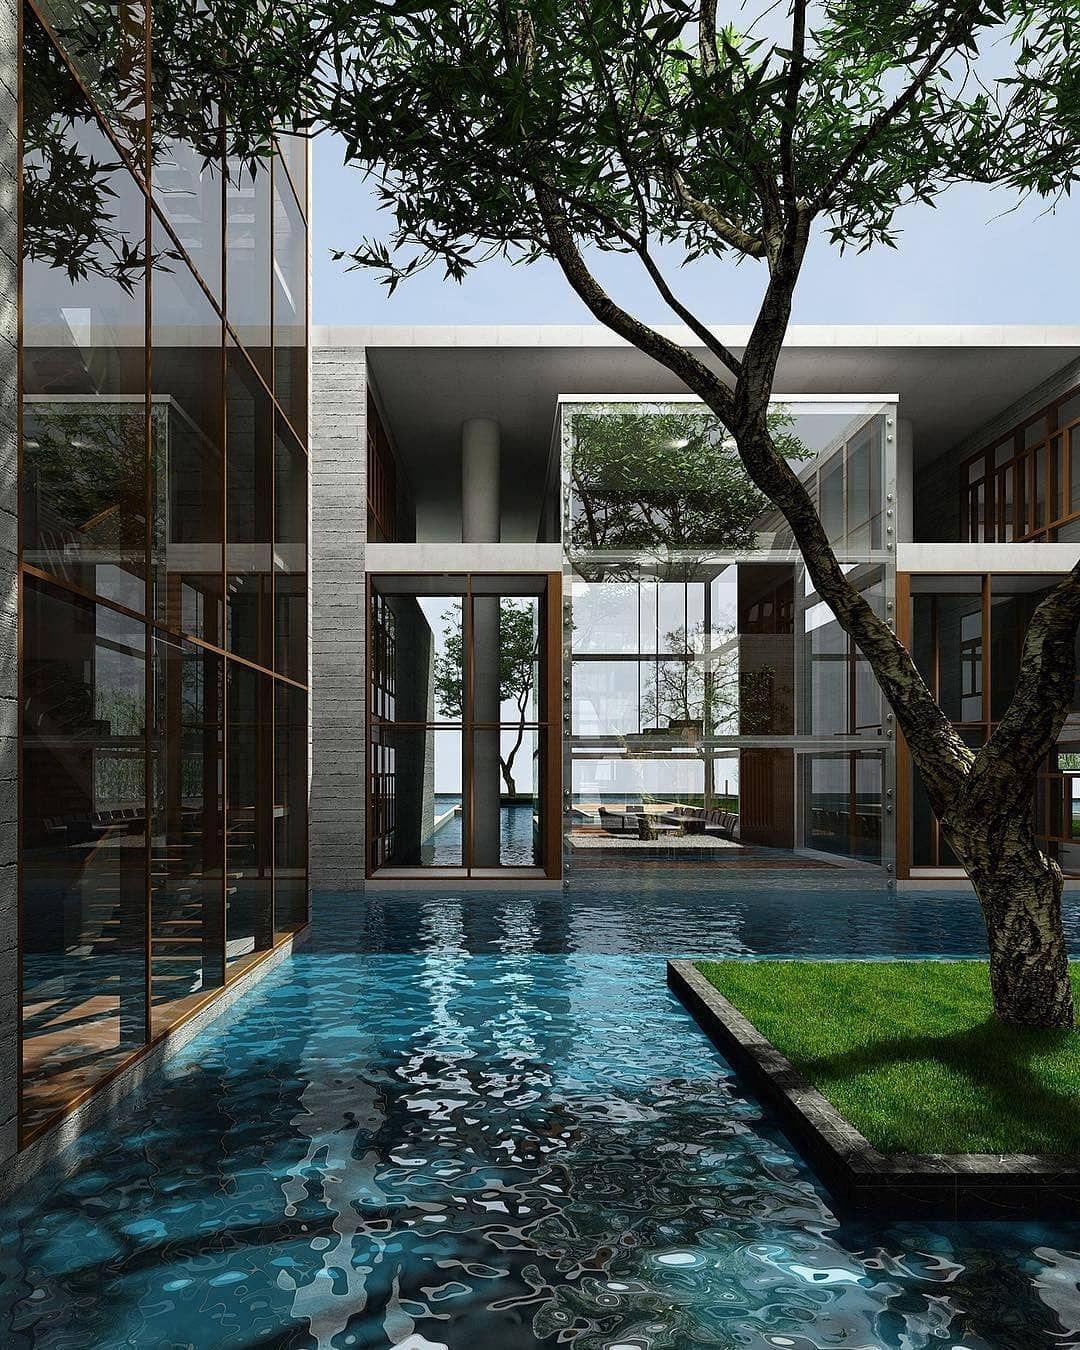 Badezimmerdesign bangladesch pin von udo schloemer auf real estates  pinterest  architektur